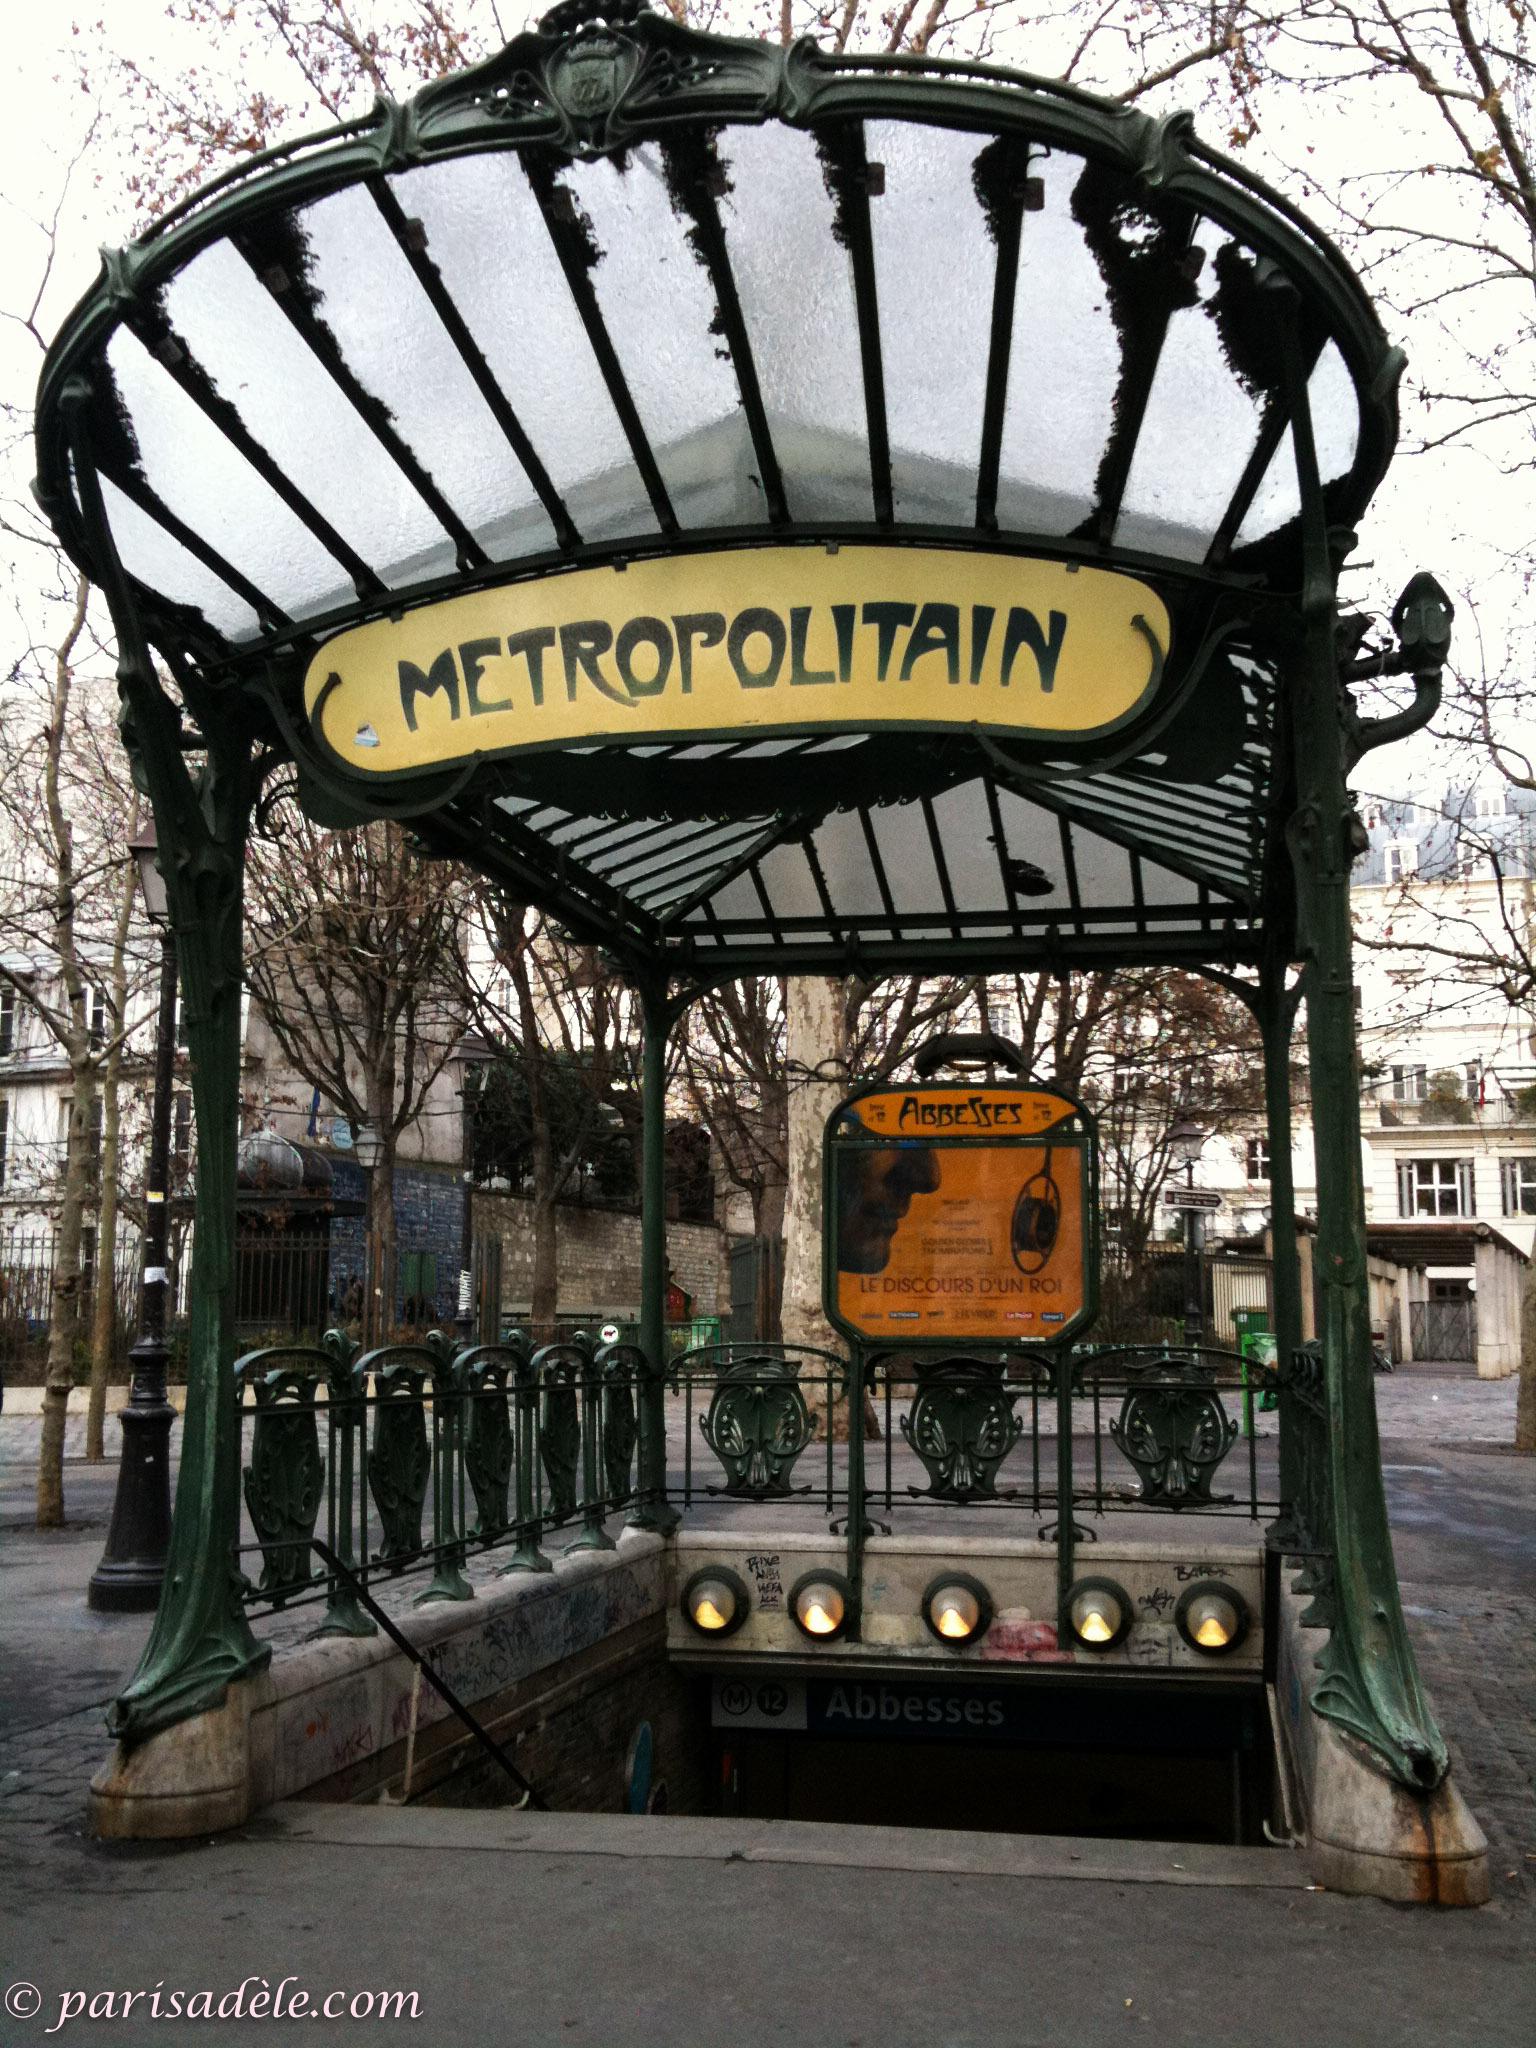 Porte dauphine m tro paris ad le for Carrelage style metro parisien